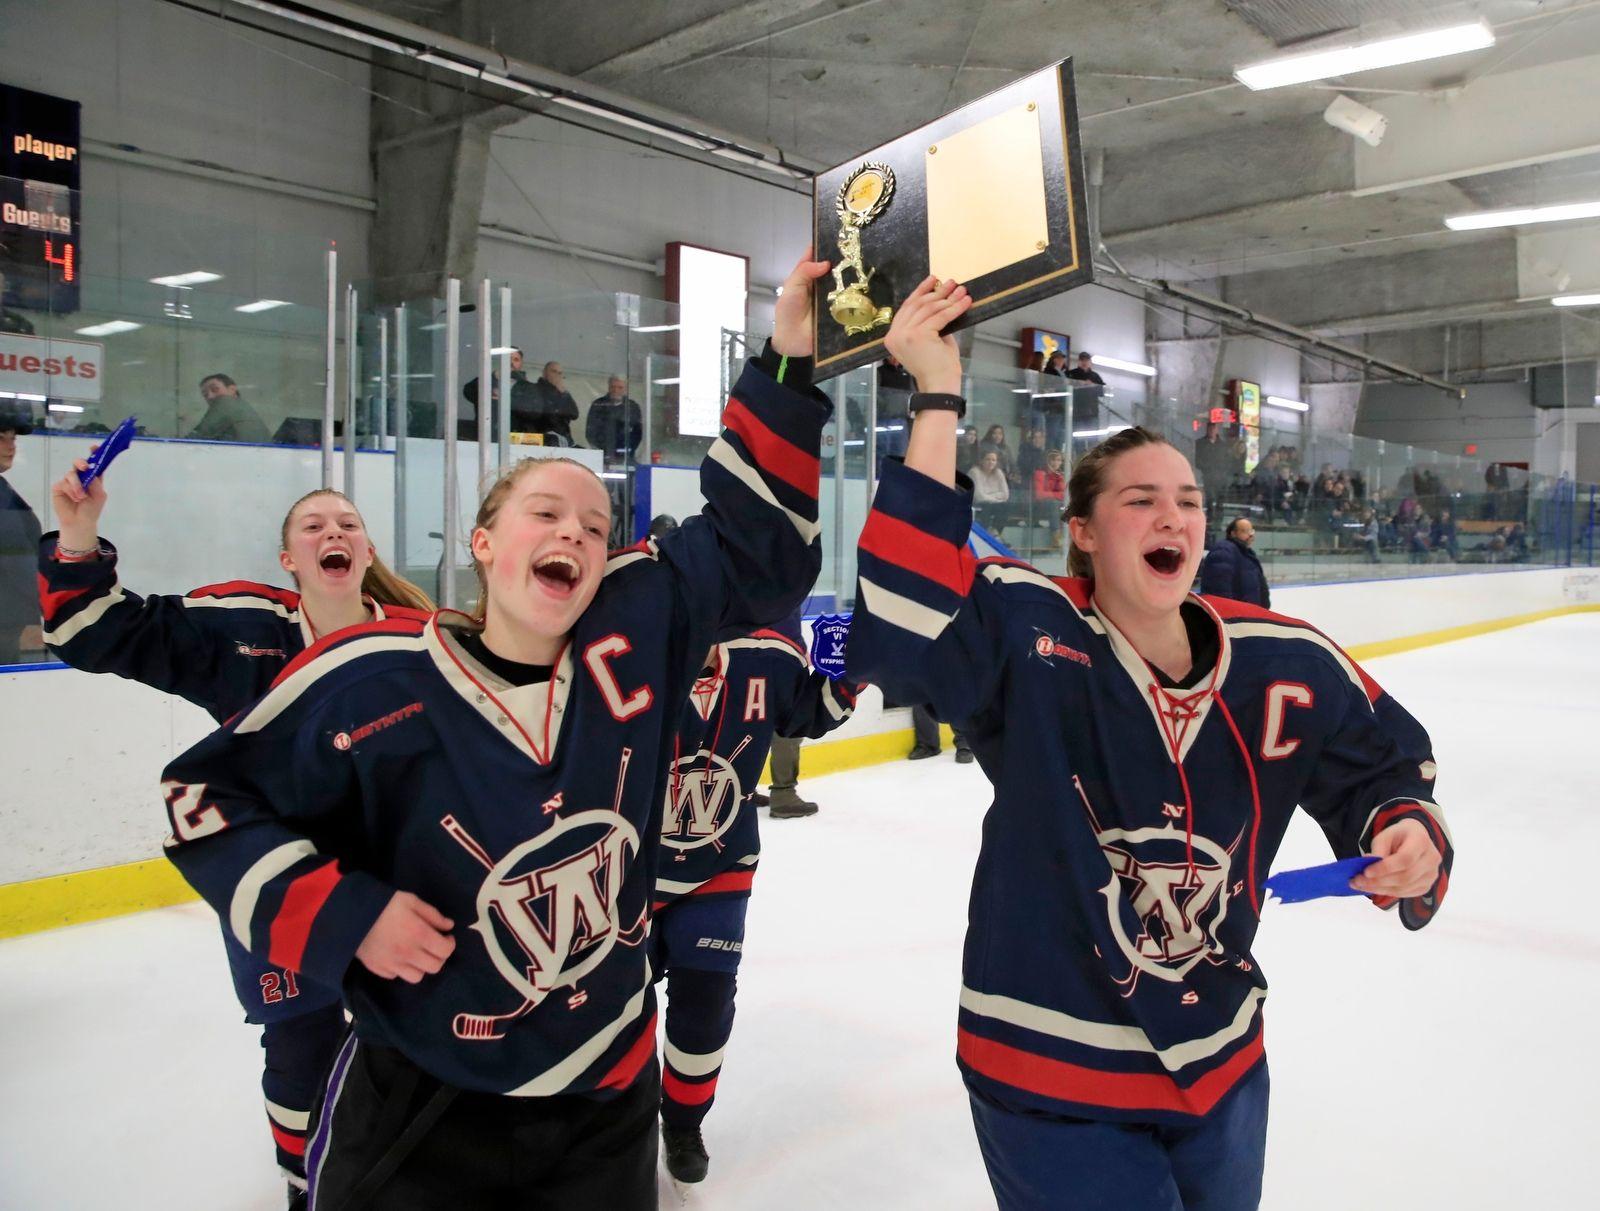 Williamsville captains celebrate.